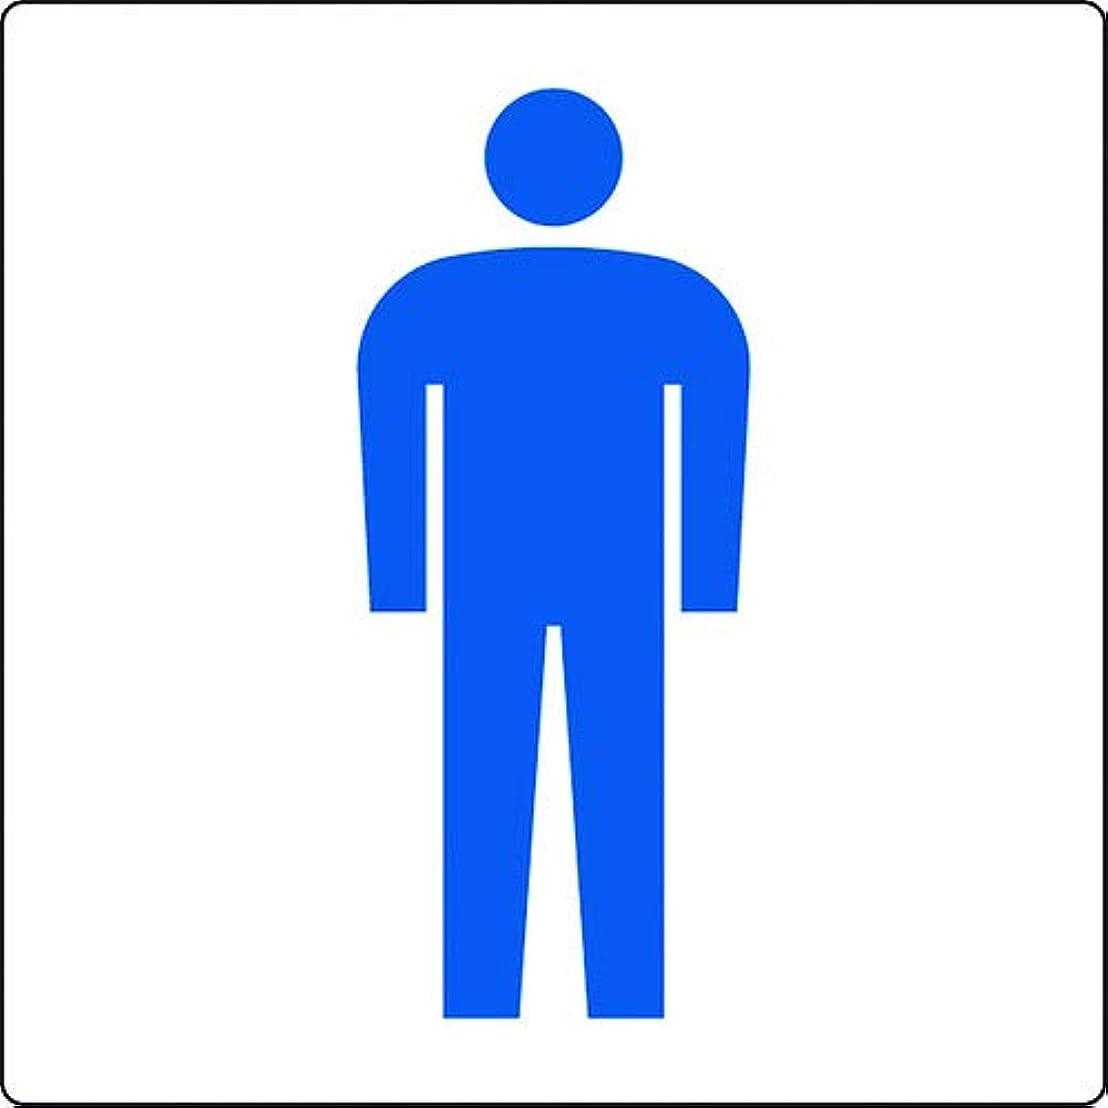 バスに慣れ疼痛ユニット トイレ表示 大 男子 842-62A